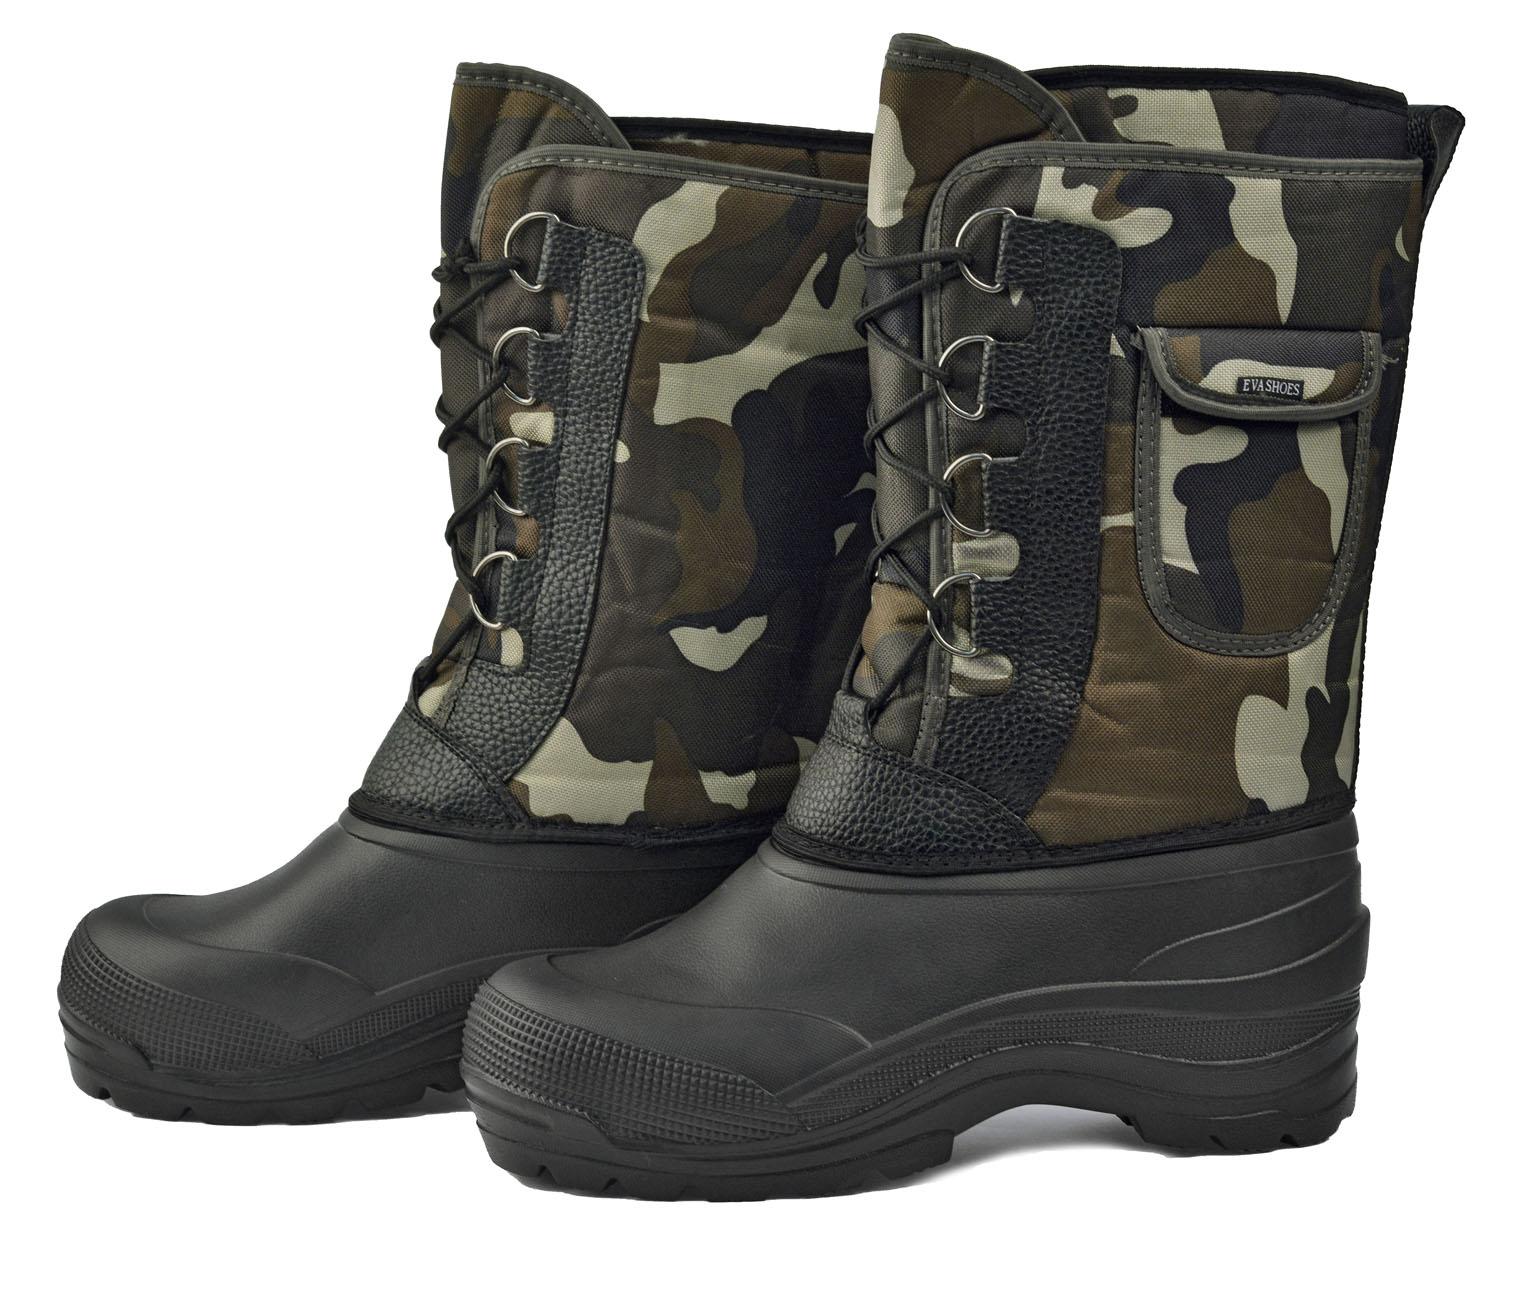 Сапоги комбинированные Милитари-Плюс (-40С) Сапоги для активного отдыха<br>Помимо водонепроницаемости и эффективной <br>защиты от холода, эта модель имеет очень <br>легкий вес. При температуре использования <br>до -40°С при активном использовании сапоги <br>Милитари обеспечивают высокий уровень <br>тепла и комфорта. Эта обувь предназначена <br>как для сырой холодной погоды, так и для <br>сильных морозов. ?Съемный меховой вкладыш <br>из натуральной шерсти с фольгой и спанбондом. <br>?Широкое утепленное голенище из водоотталкивающей <br>ткани Оксфорд на шнуровке ?Удобный карман <br>на голенище ?Утолщенная подошва с протекторами<br><br>Пол: мужской<br>Размер: 46<br>Сезон: зима<br>Цвет: зеленый<br>Материал: полимеры